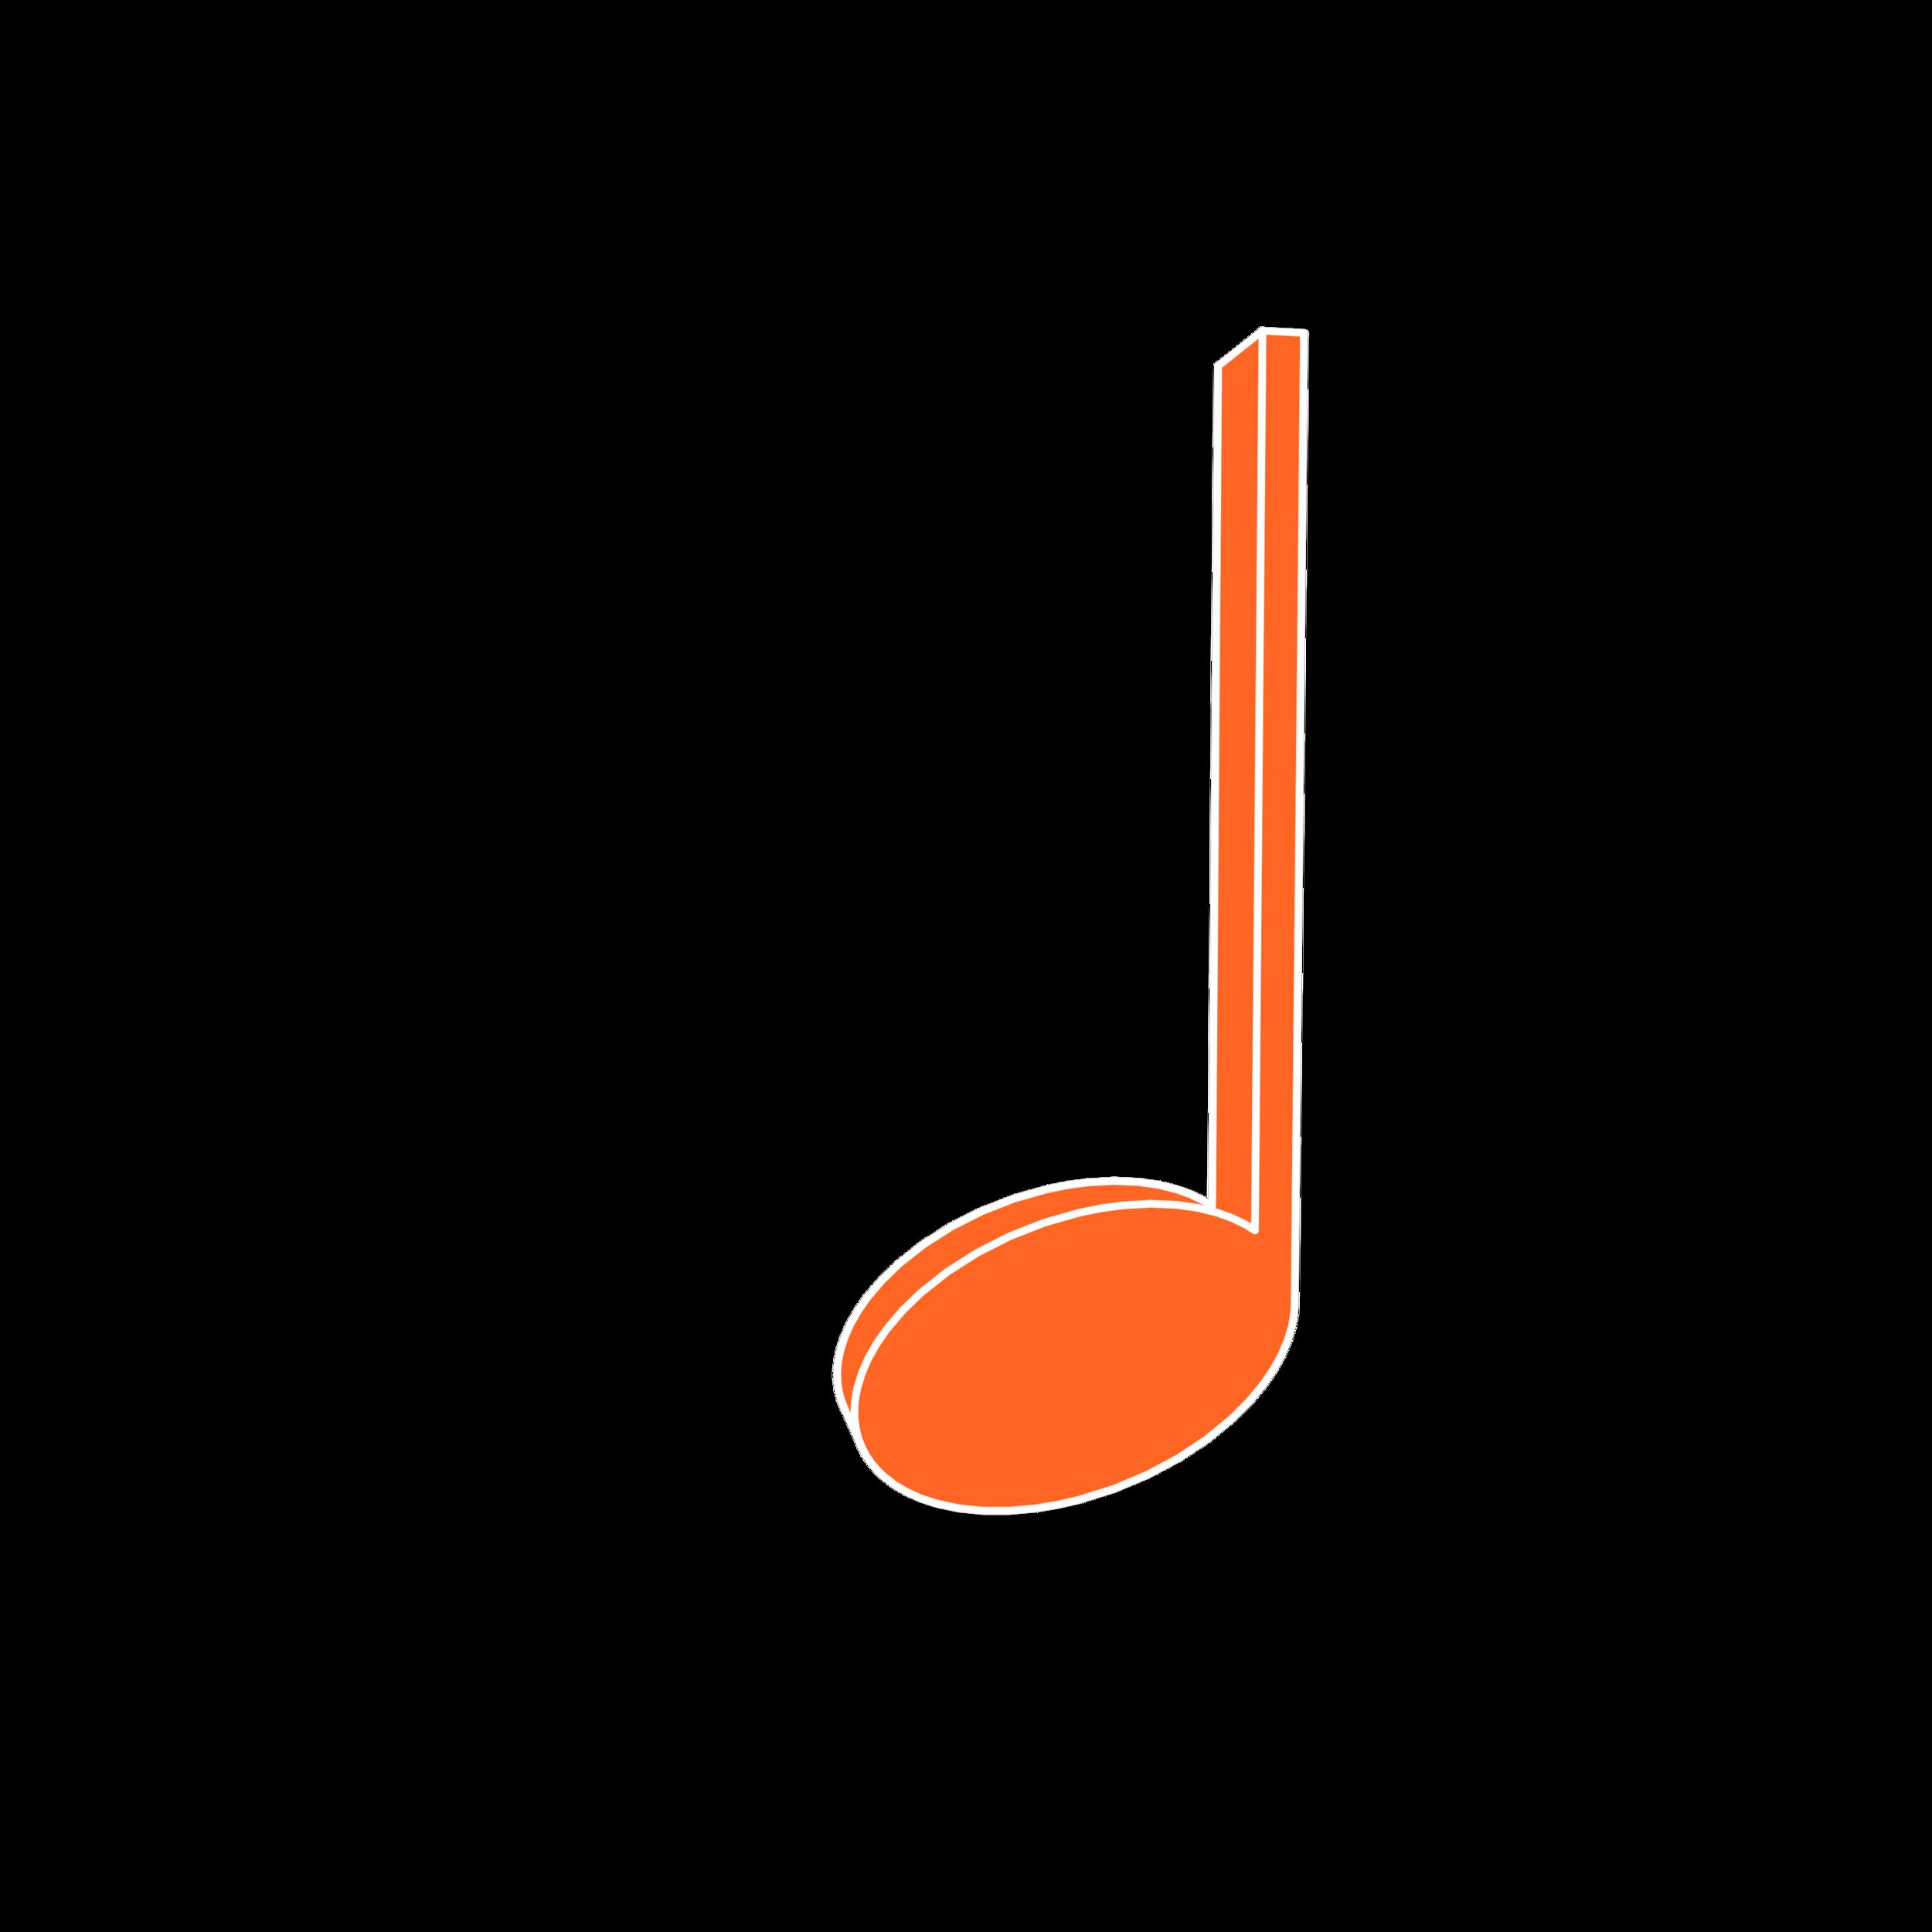 Music_1_-_Orange.png